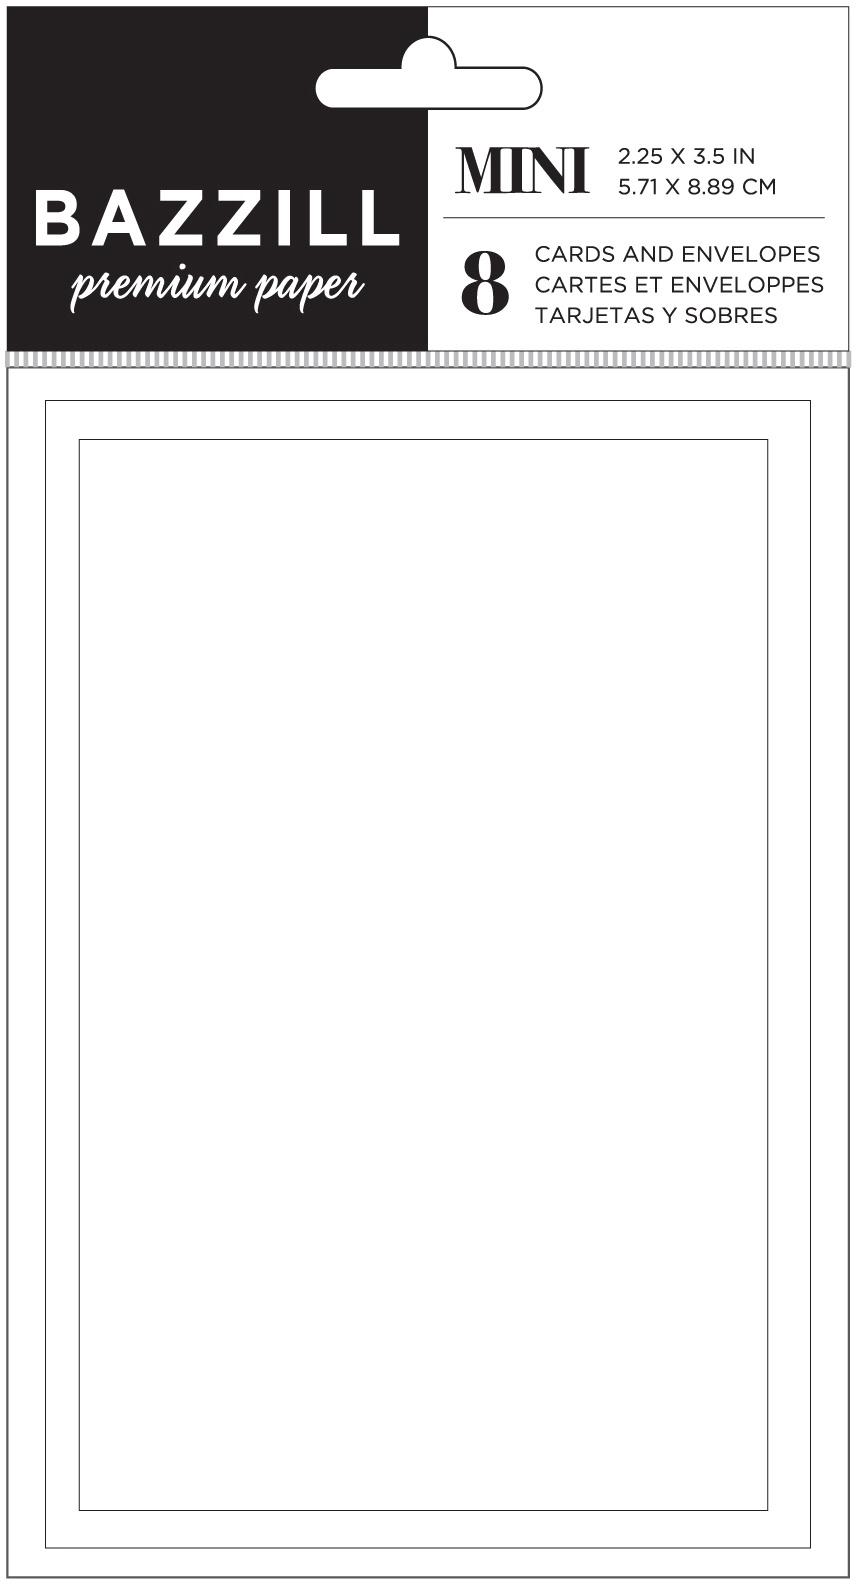 Bazzill Mini Cards W/Envelopes 2.25X3.5 8/Pkg-Coconut Swirl